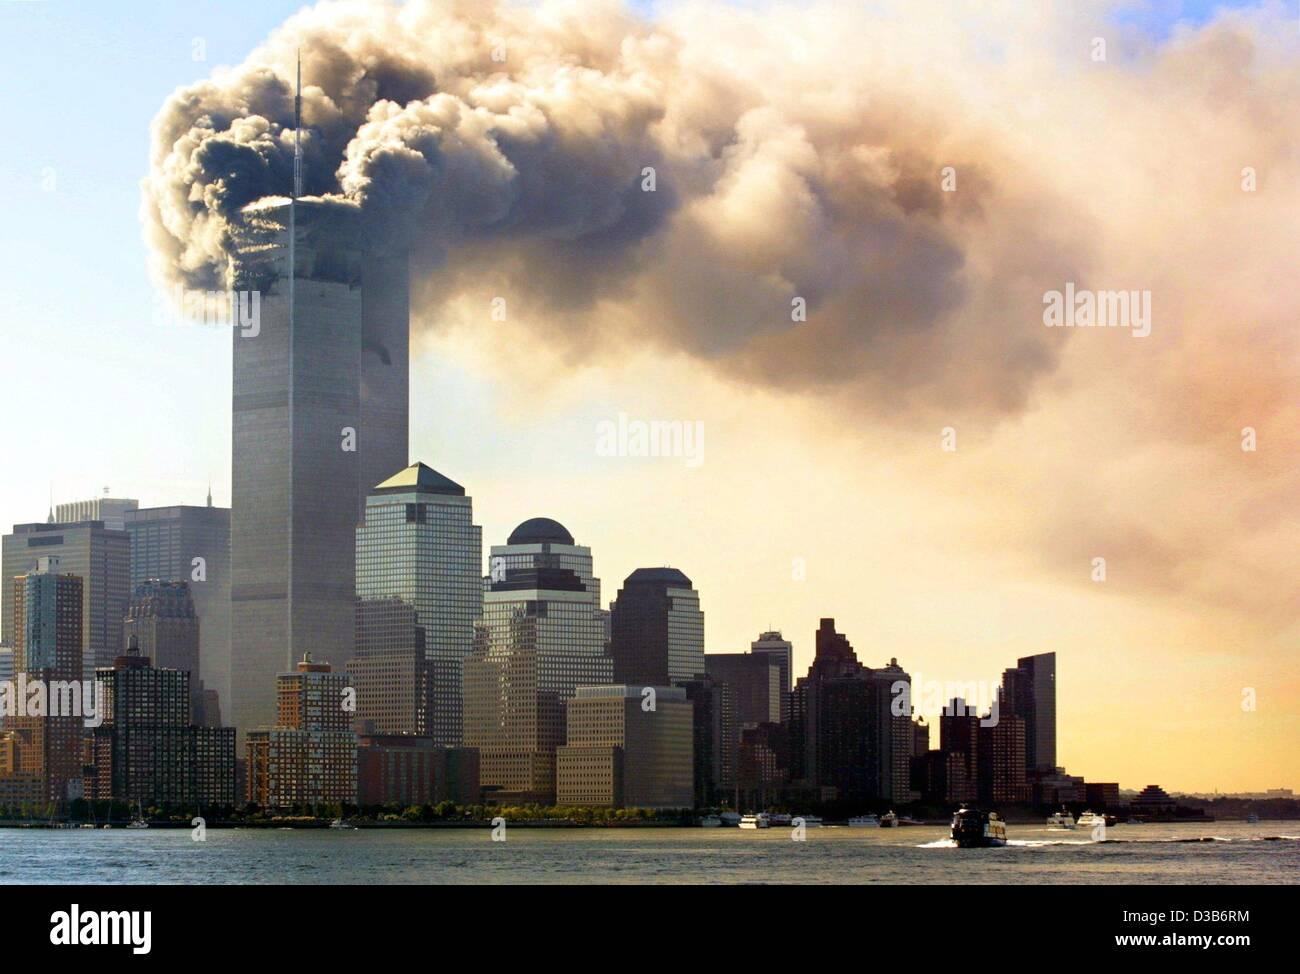 (Dpa) - aumento de nuvens de fumaça da queima andares superiores apenas antes de torres gêmeas do Centro Imagens de Stock